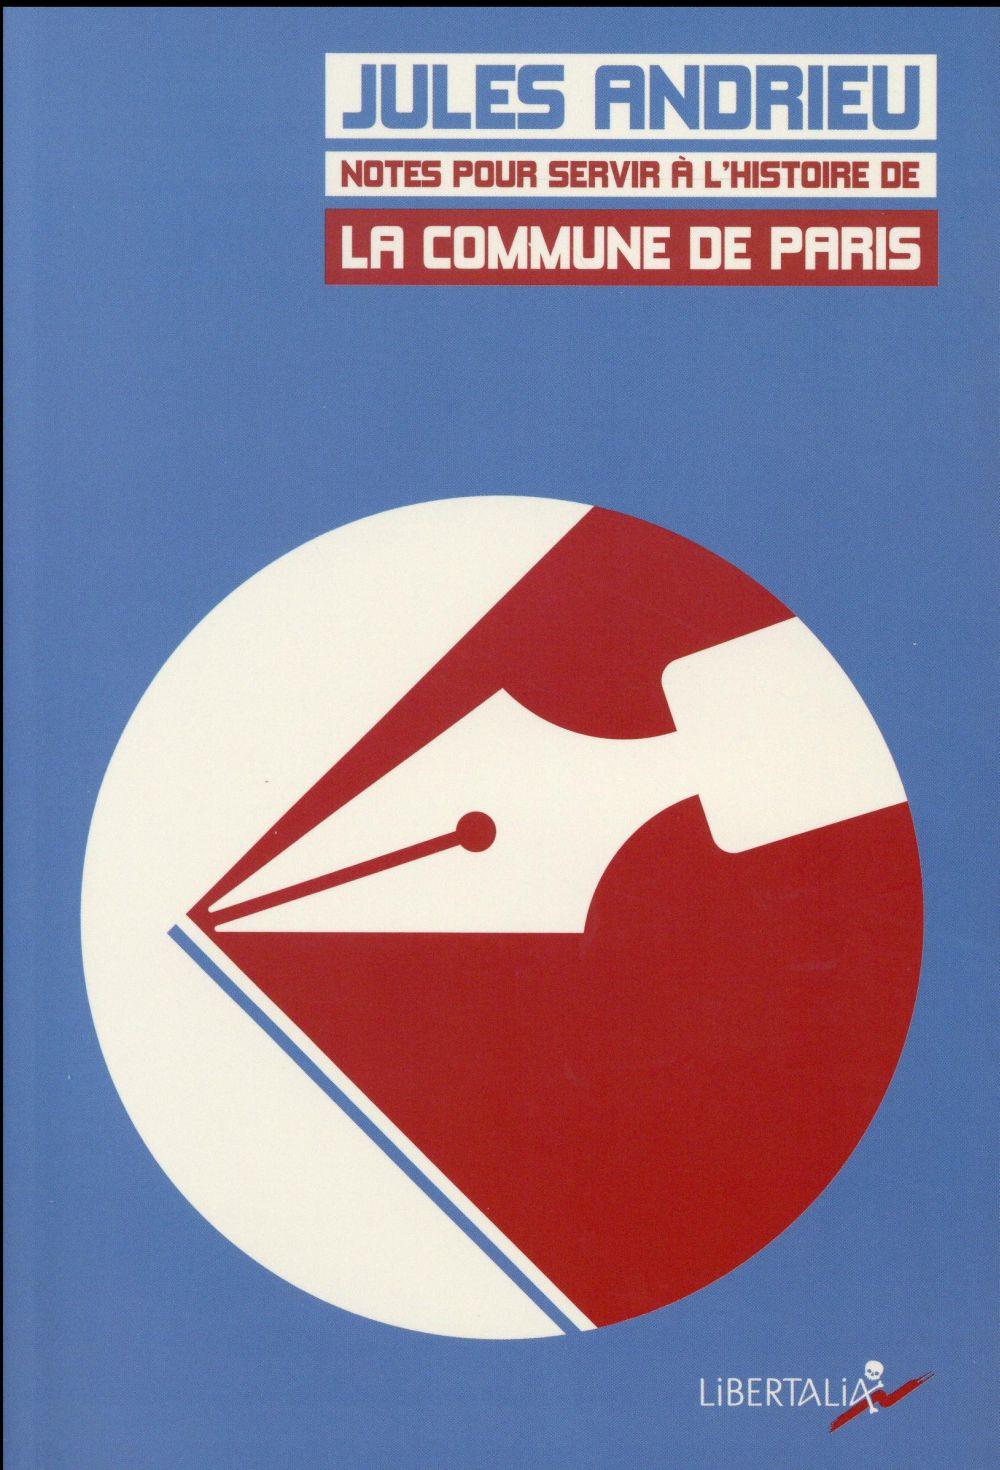 Notes pour servir à l'histoire de la Commune de Paris